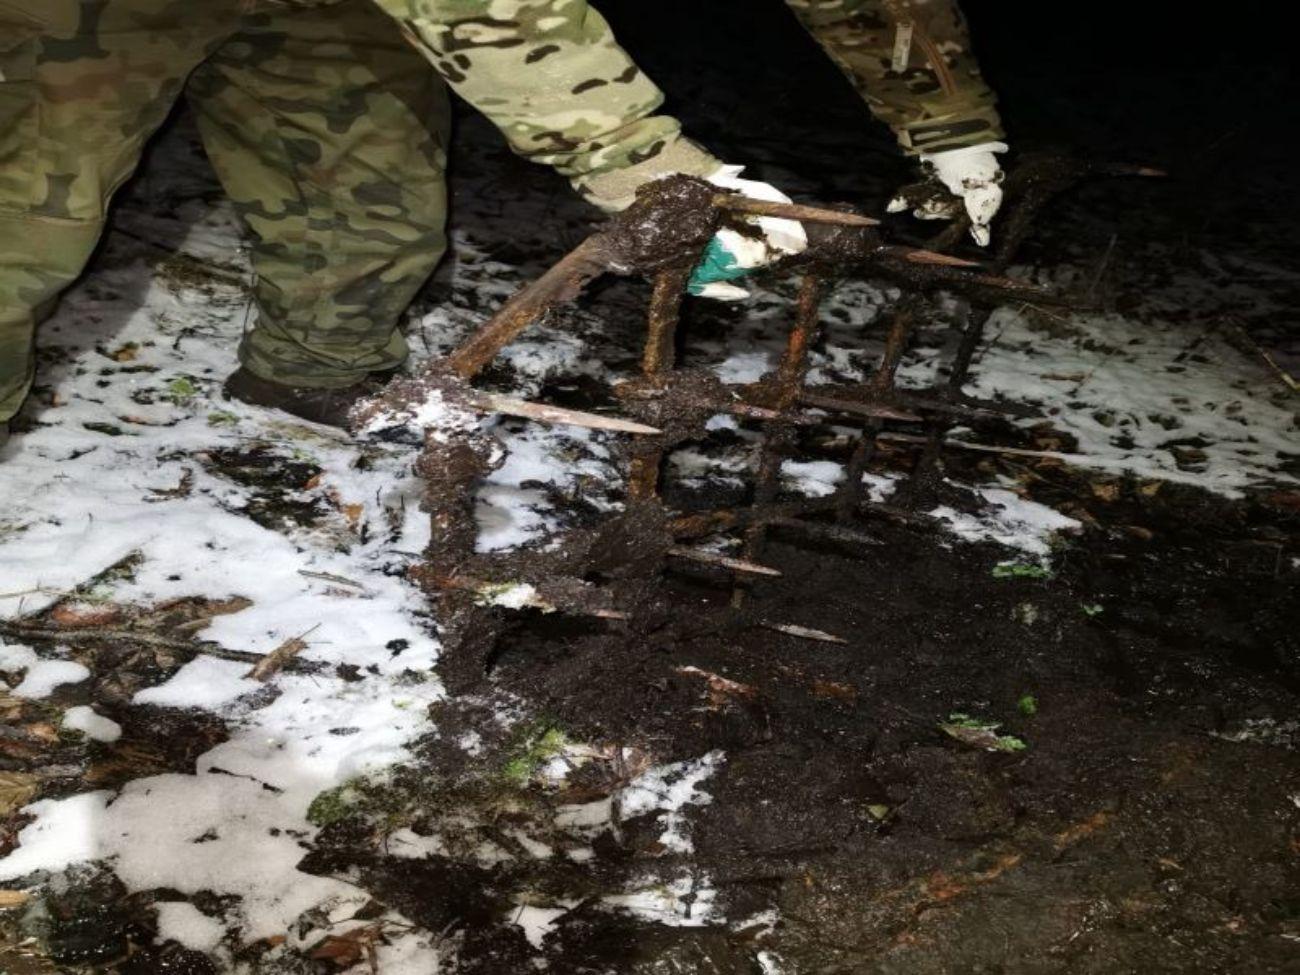 Spacerujecie po lesie? Uważajcie, ktoś zostawia brony na ścieżkach! [ZDJĘCIA] - Zdjęcie główne